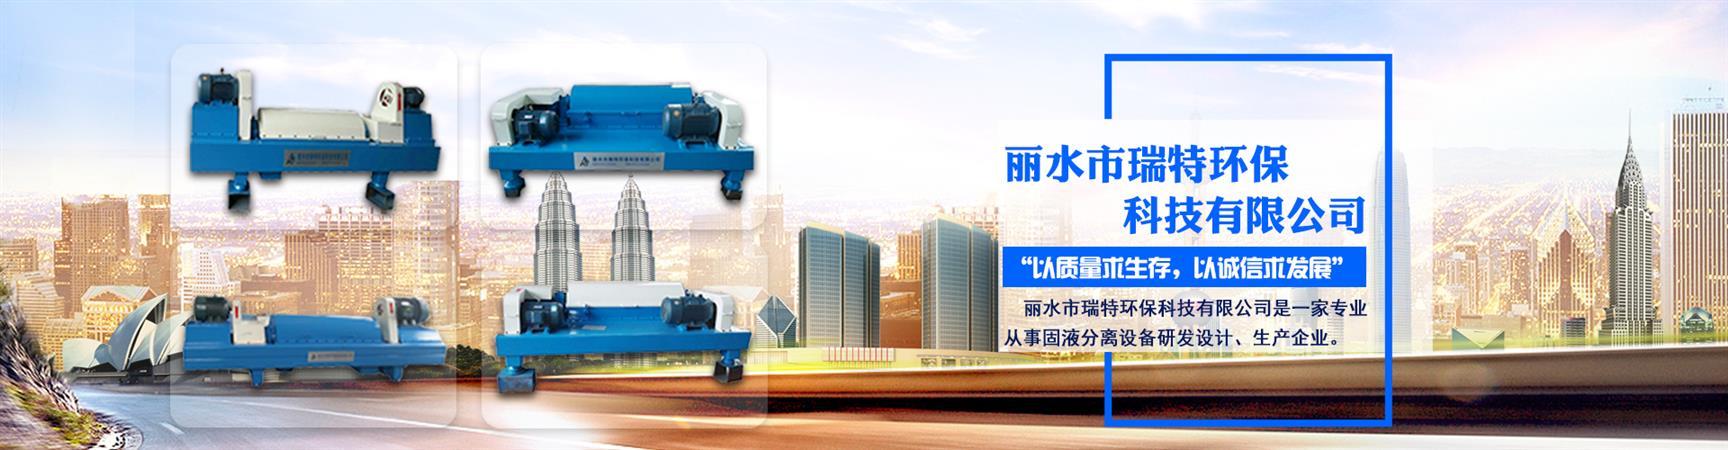 镇江自来水厂污泥脱水设备厂家